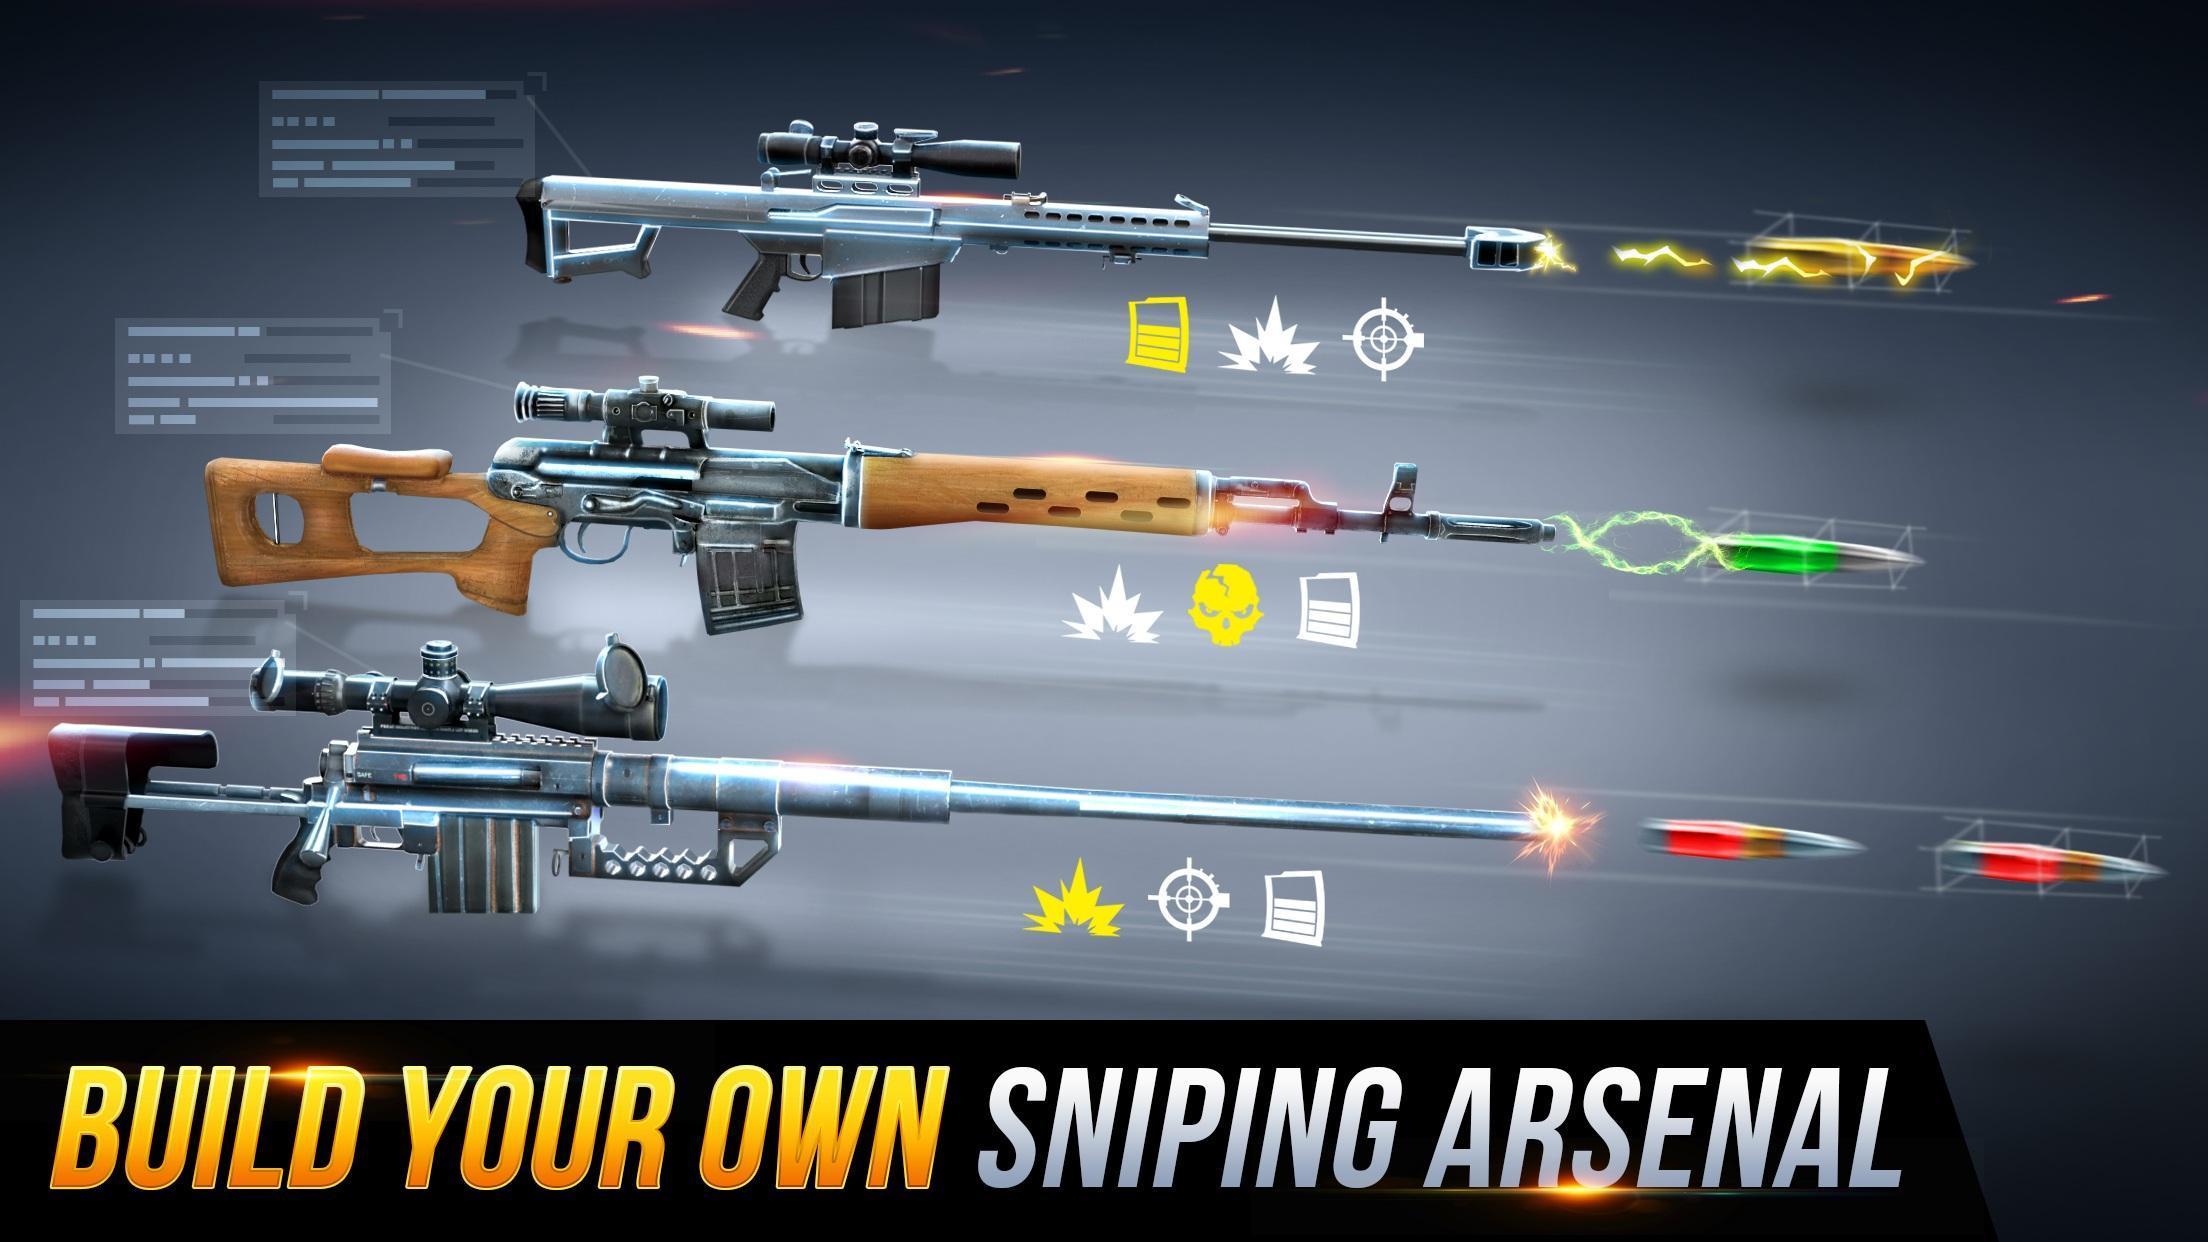 Sniper Honor: Fun FPS 3D Gun Shooting Game 2020 1.8.1 Screenshot 17